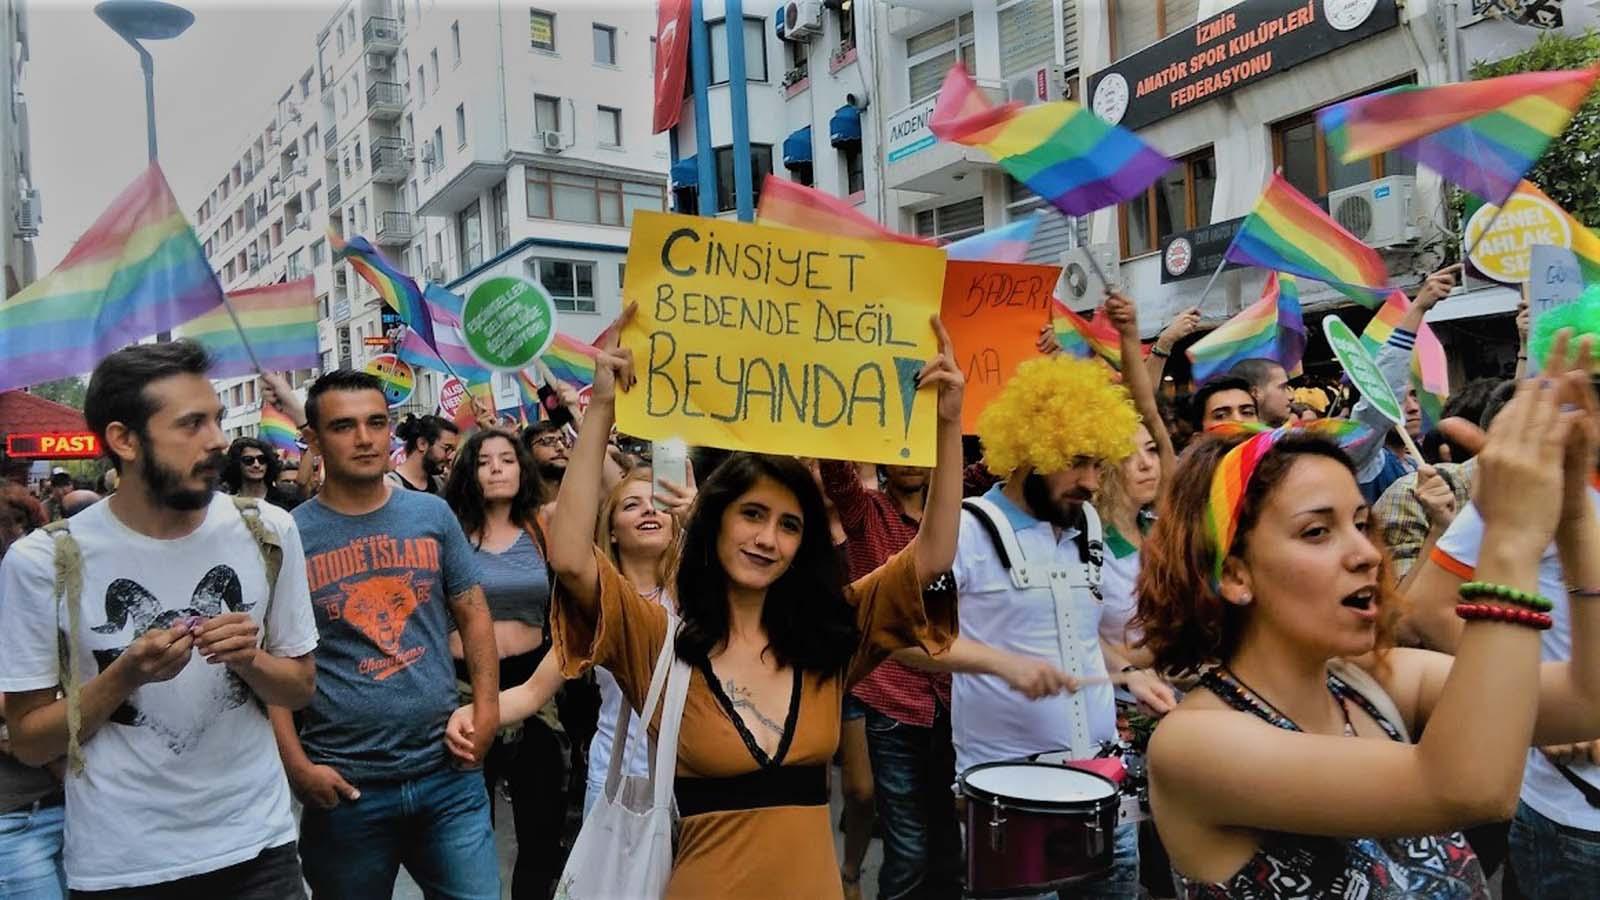 İstanbul Sözleşmesi Protestosu! Kadınlar sözleşmeden çıkılmasını protesto etti. İstanbul ve İzmir'deki gösterilere polis müdahale etti.